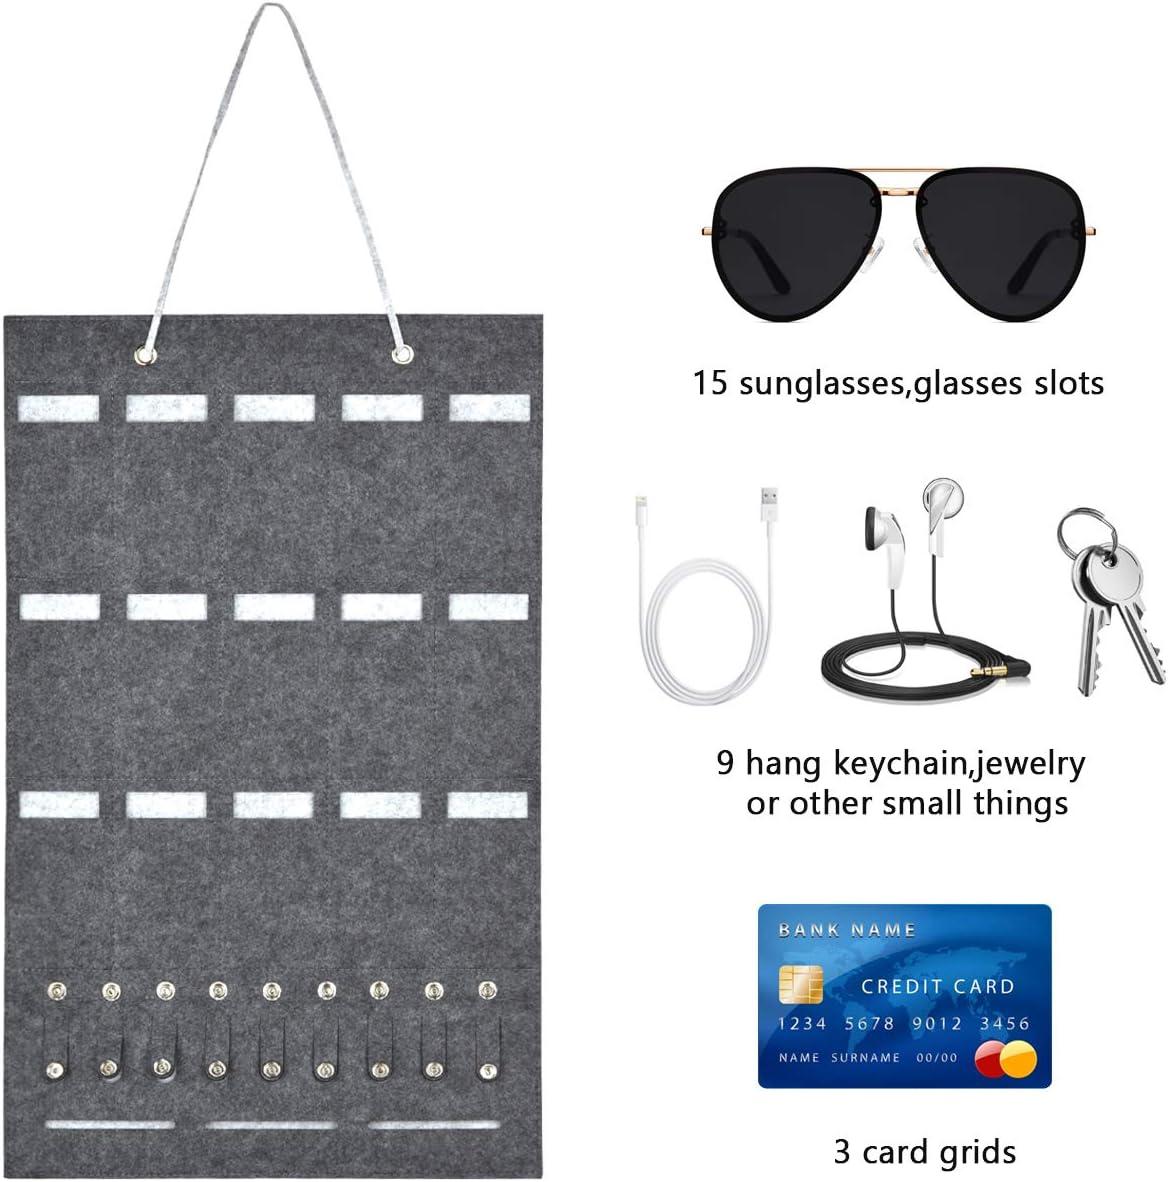 Bolsa de almacenamiento de gafas de sol para colgar en la pared con 9 Ranuras para Ilaves Auriculares 15 Ranuras para Colgar Gafas Llaves Bolsa de Fieltro para Gafas